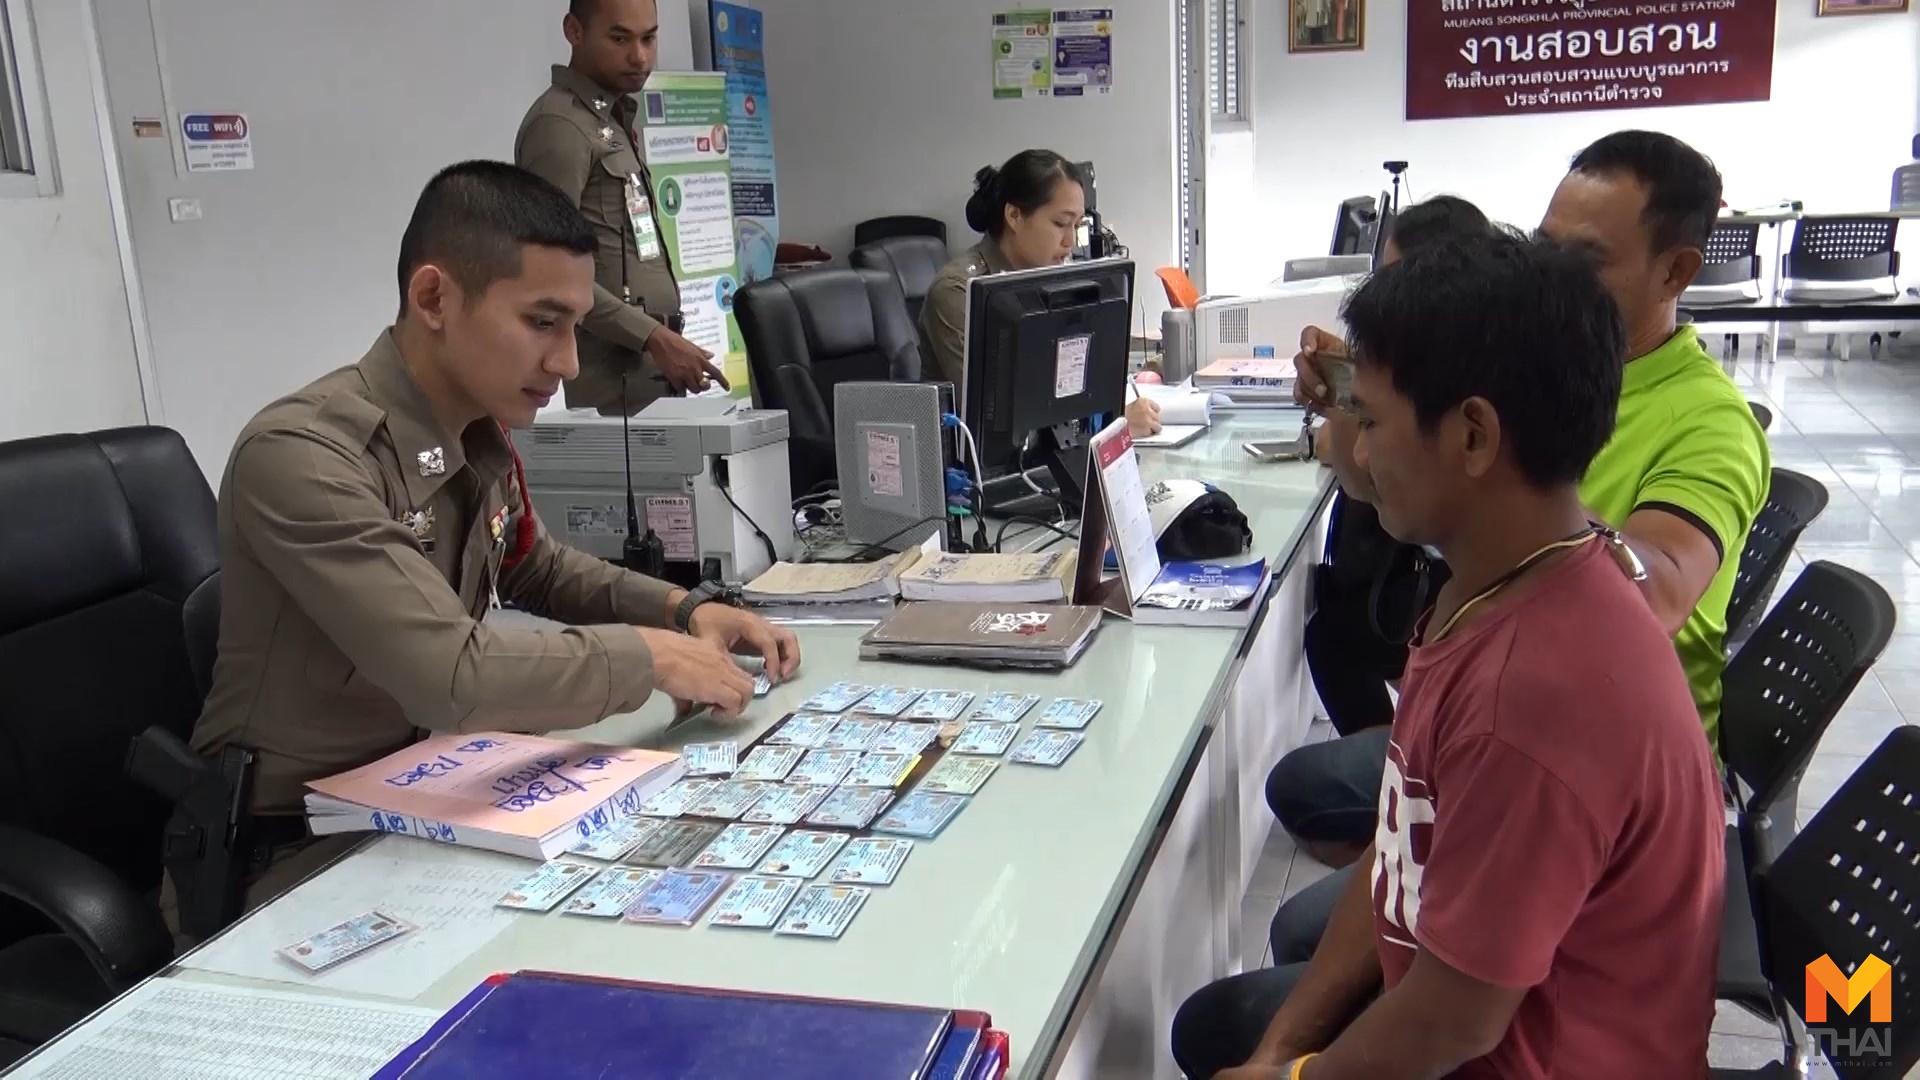 ข่าวภูมิภาค ทิ้งบัตรประชาชน บัตรประชาชน สงขลา